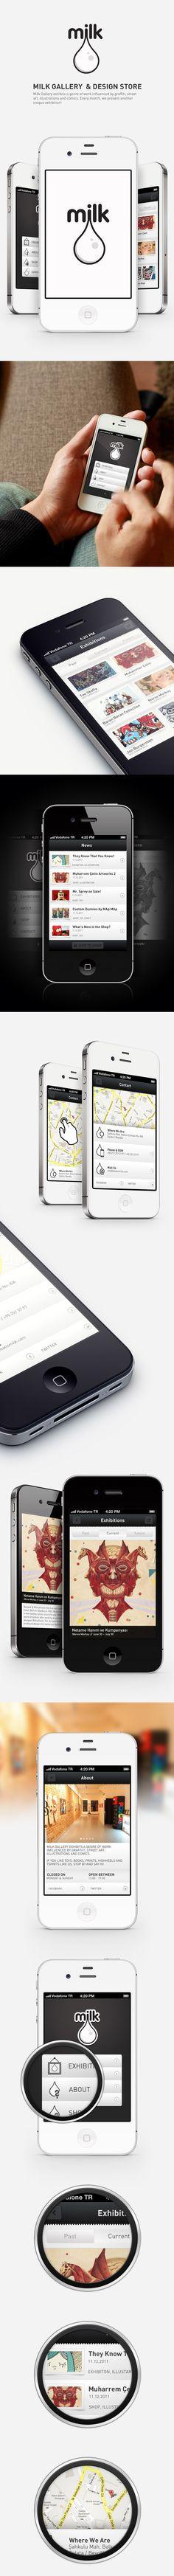 Milk Gallery - iPhone App / Gokhun Guneyhan